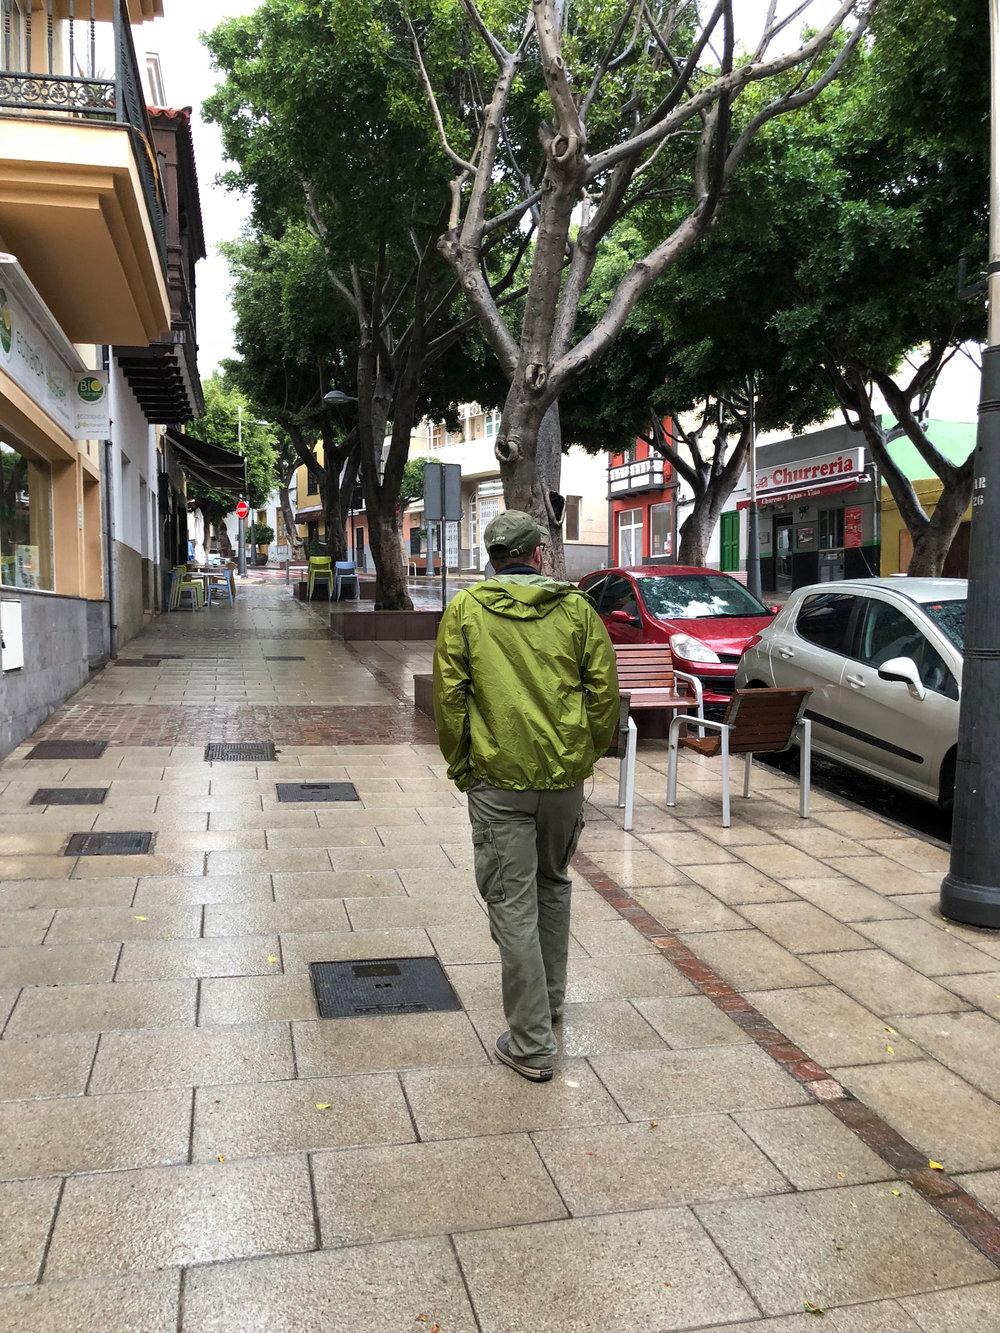 Rainy Day Tour